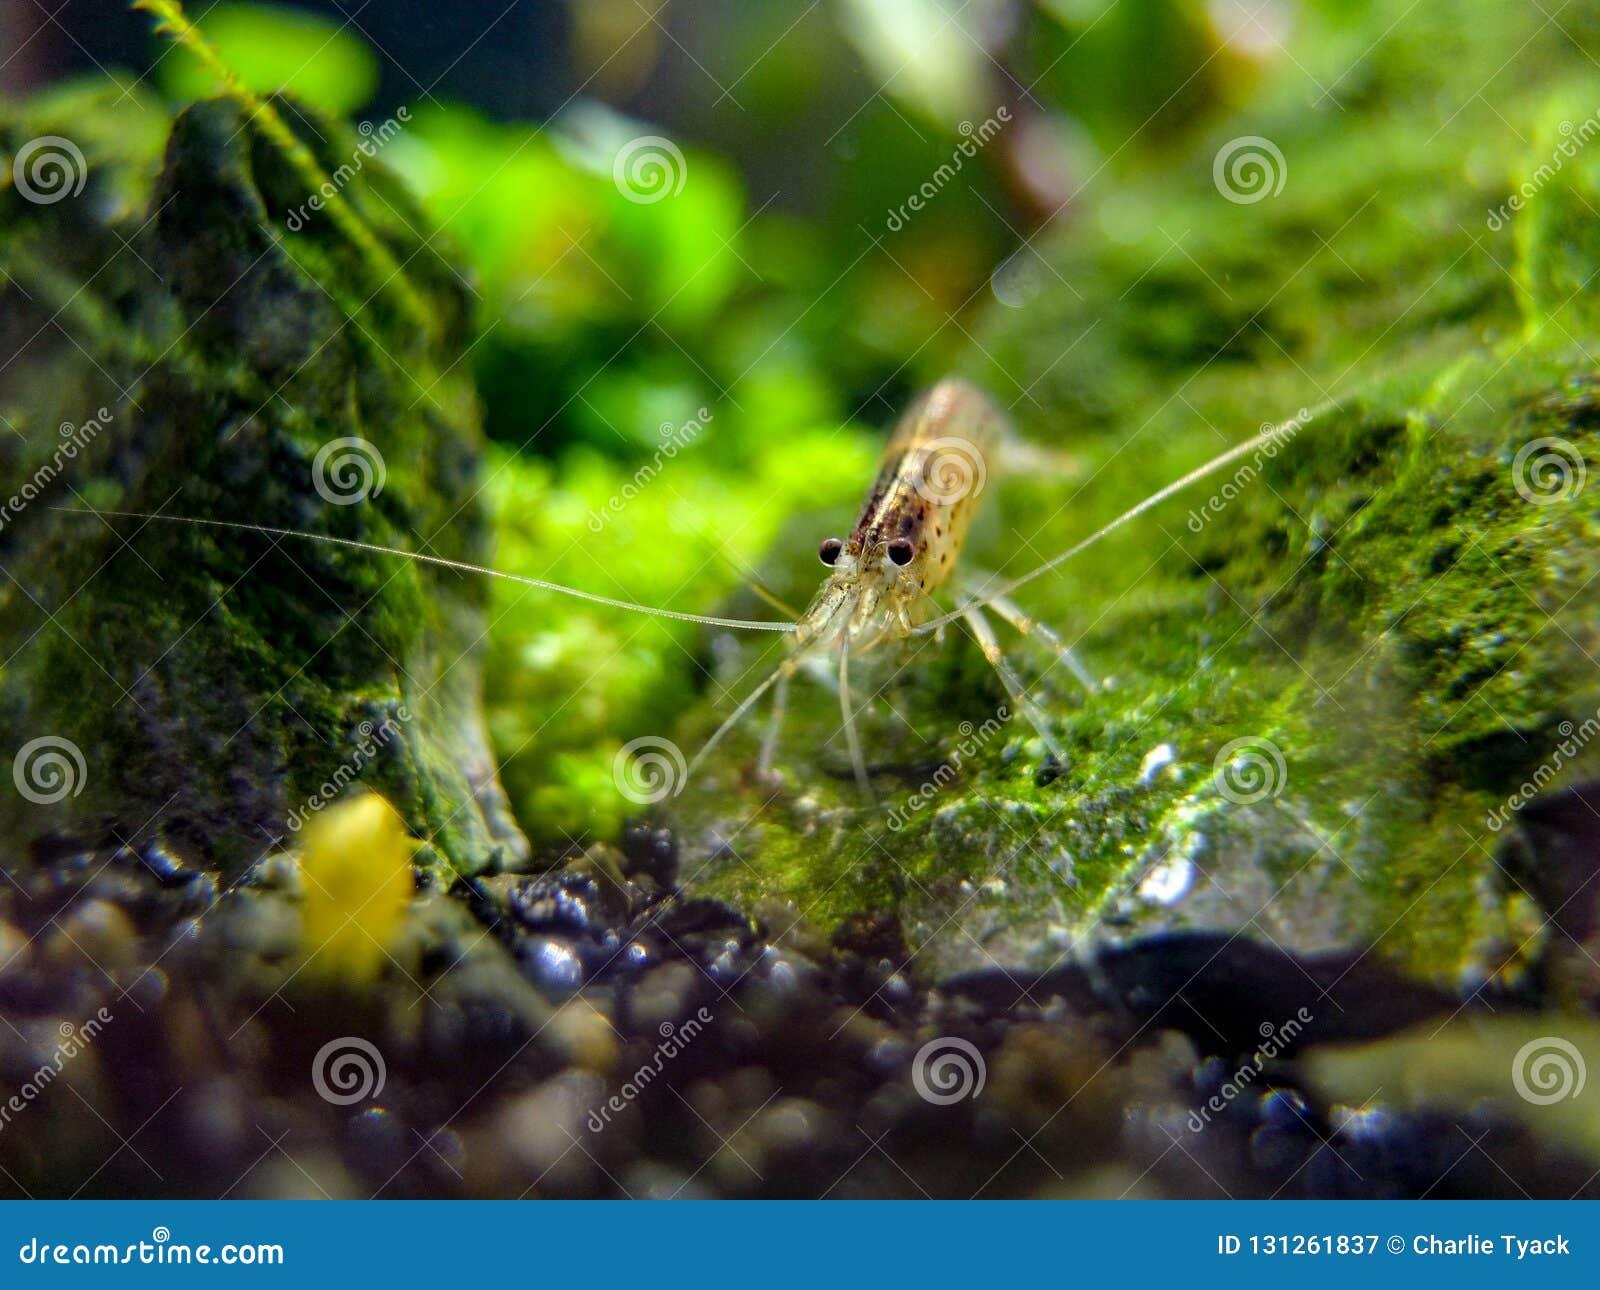 Olho ao olho com um camarão do amano